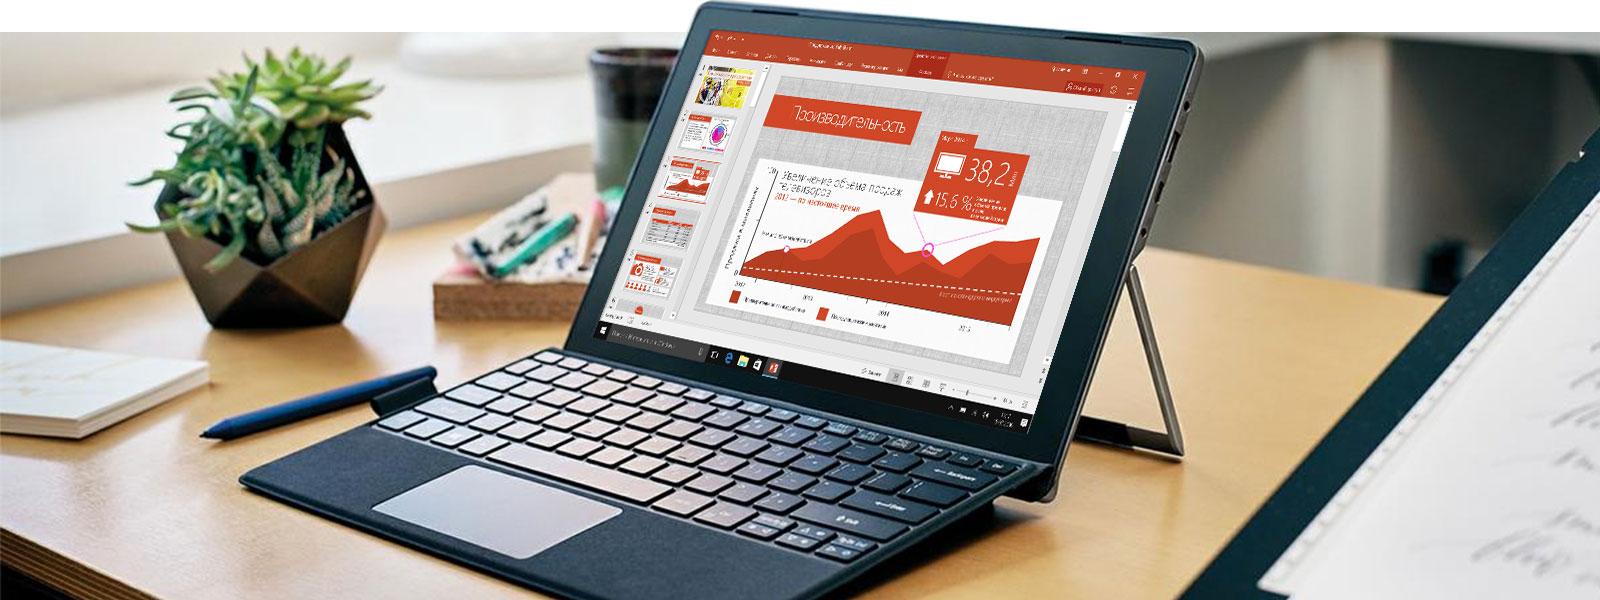 Устройство 2 в 1 под управлением Windows с открытым начальным экраном Windows